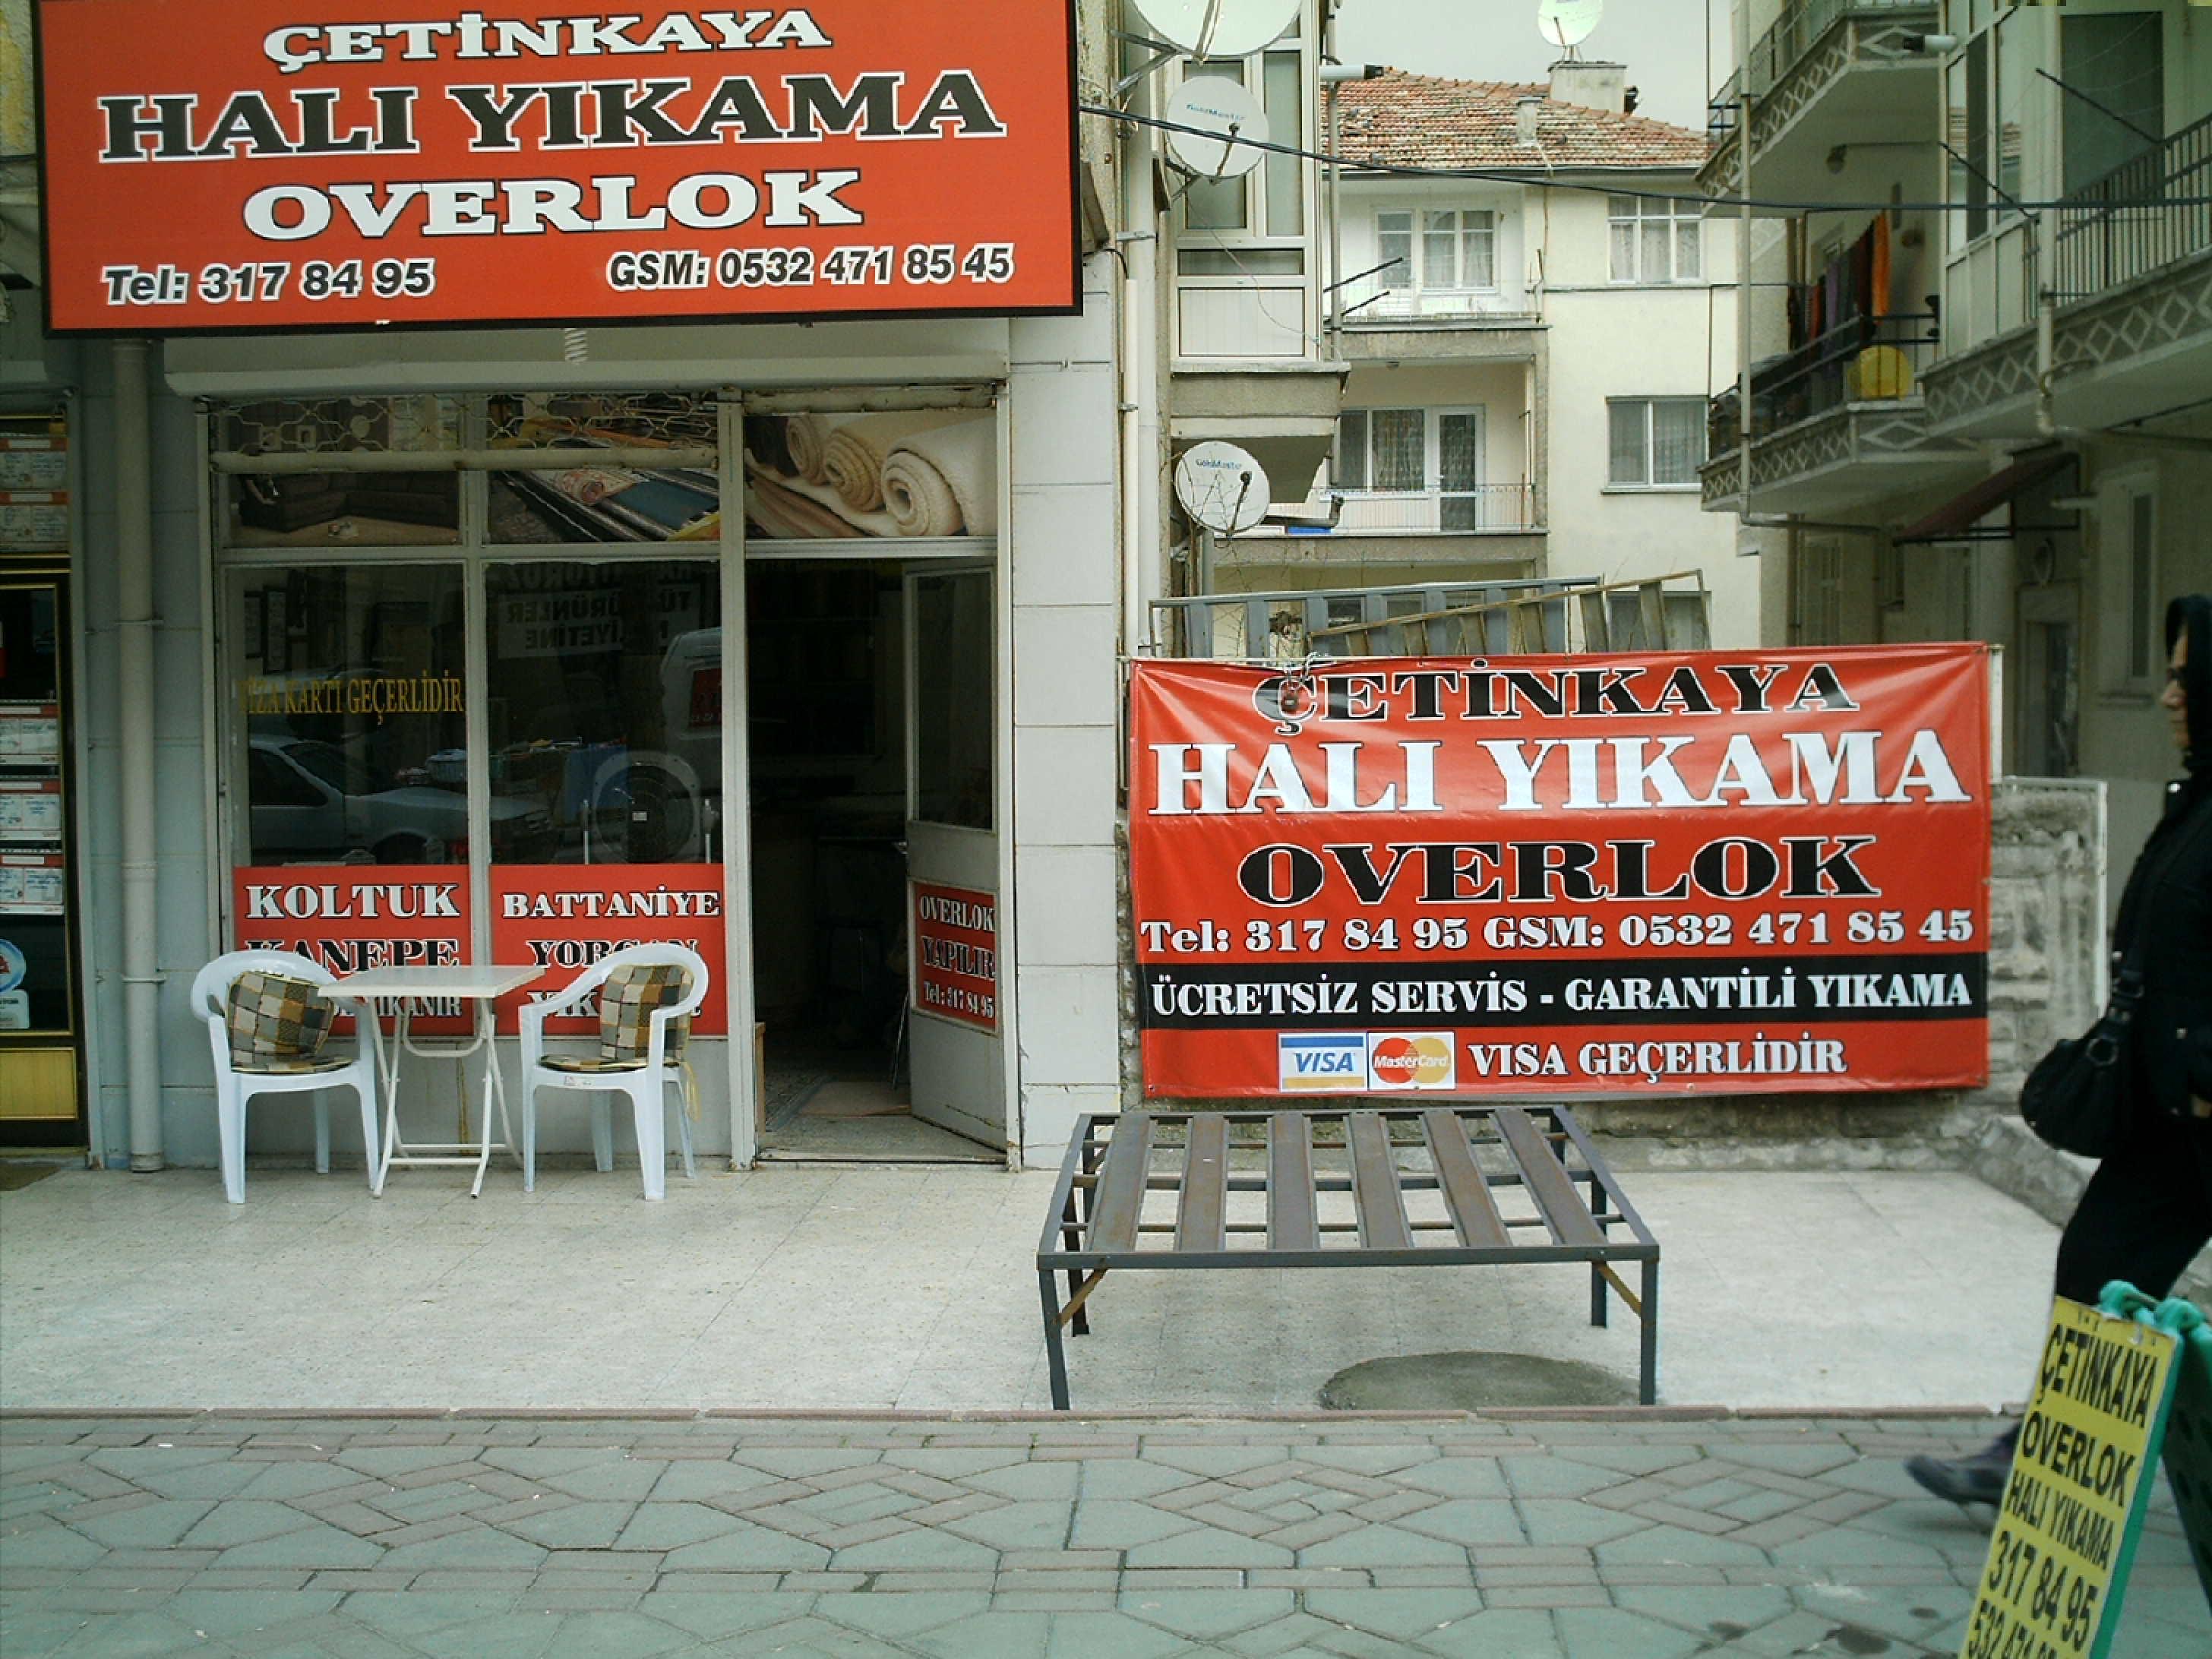 saimekadın_hali_yikama_servis-1 (2)